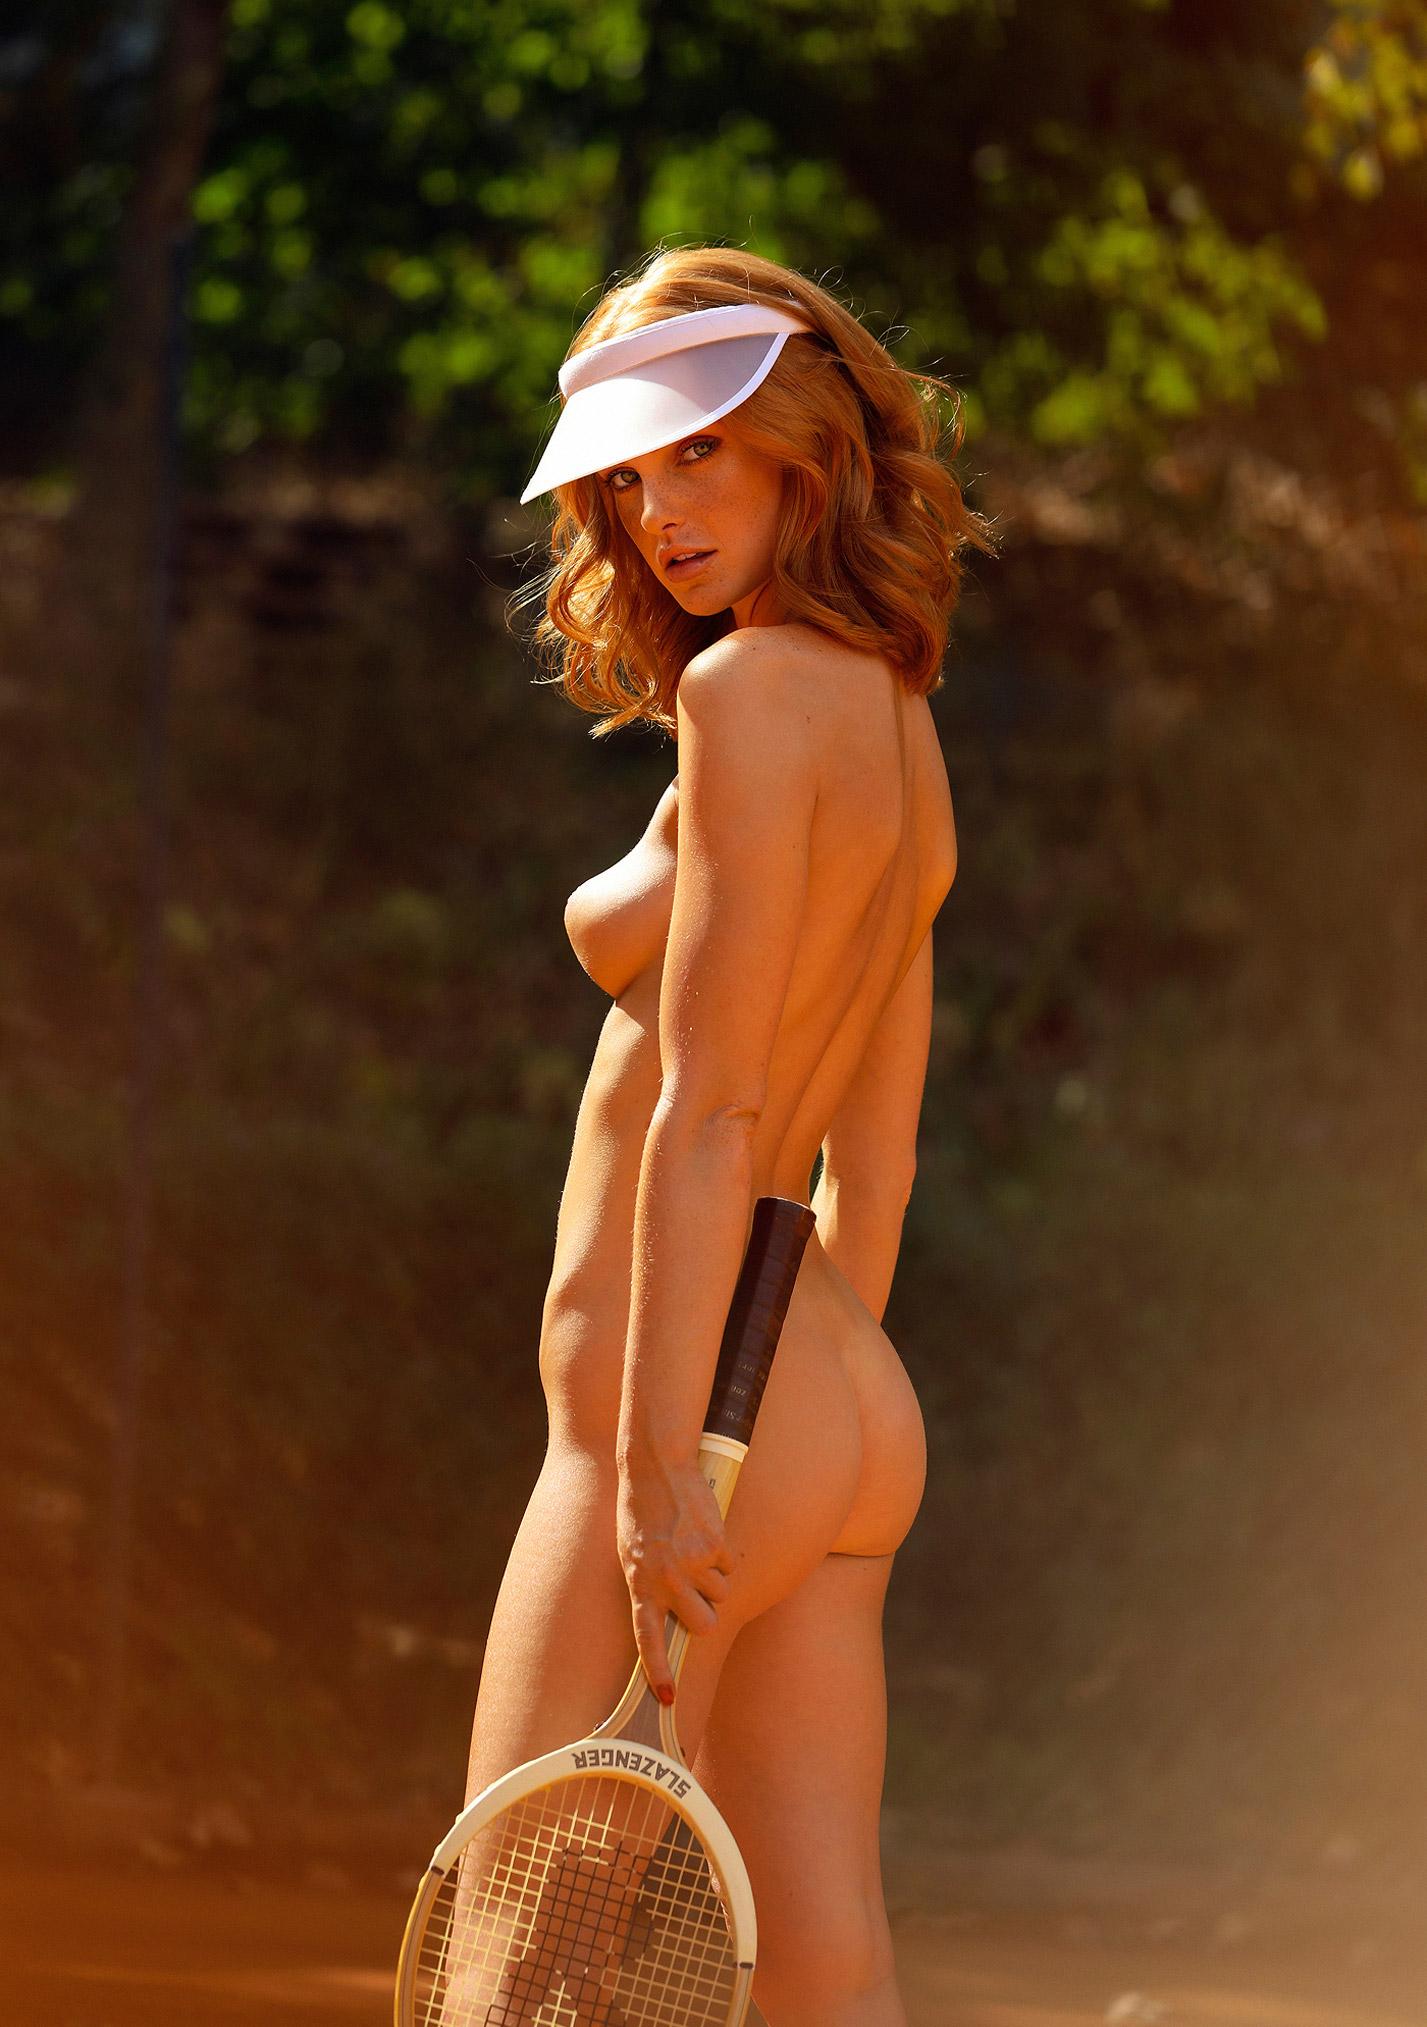 звезда голландского Playboy Свенья ван дер Богарт голая играет в теннис / фото 19